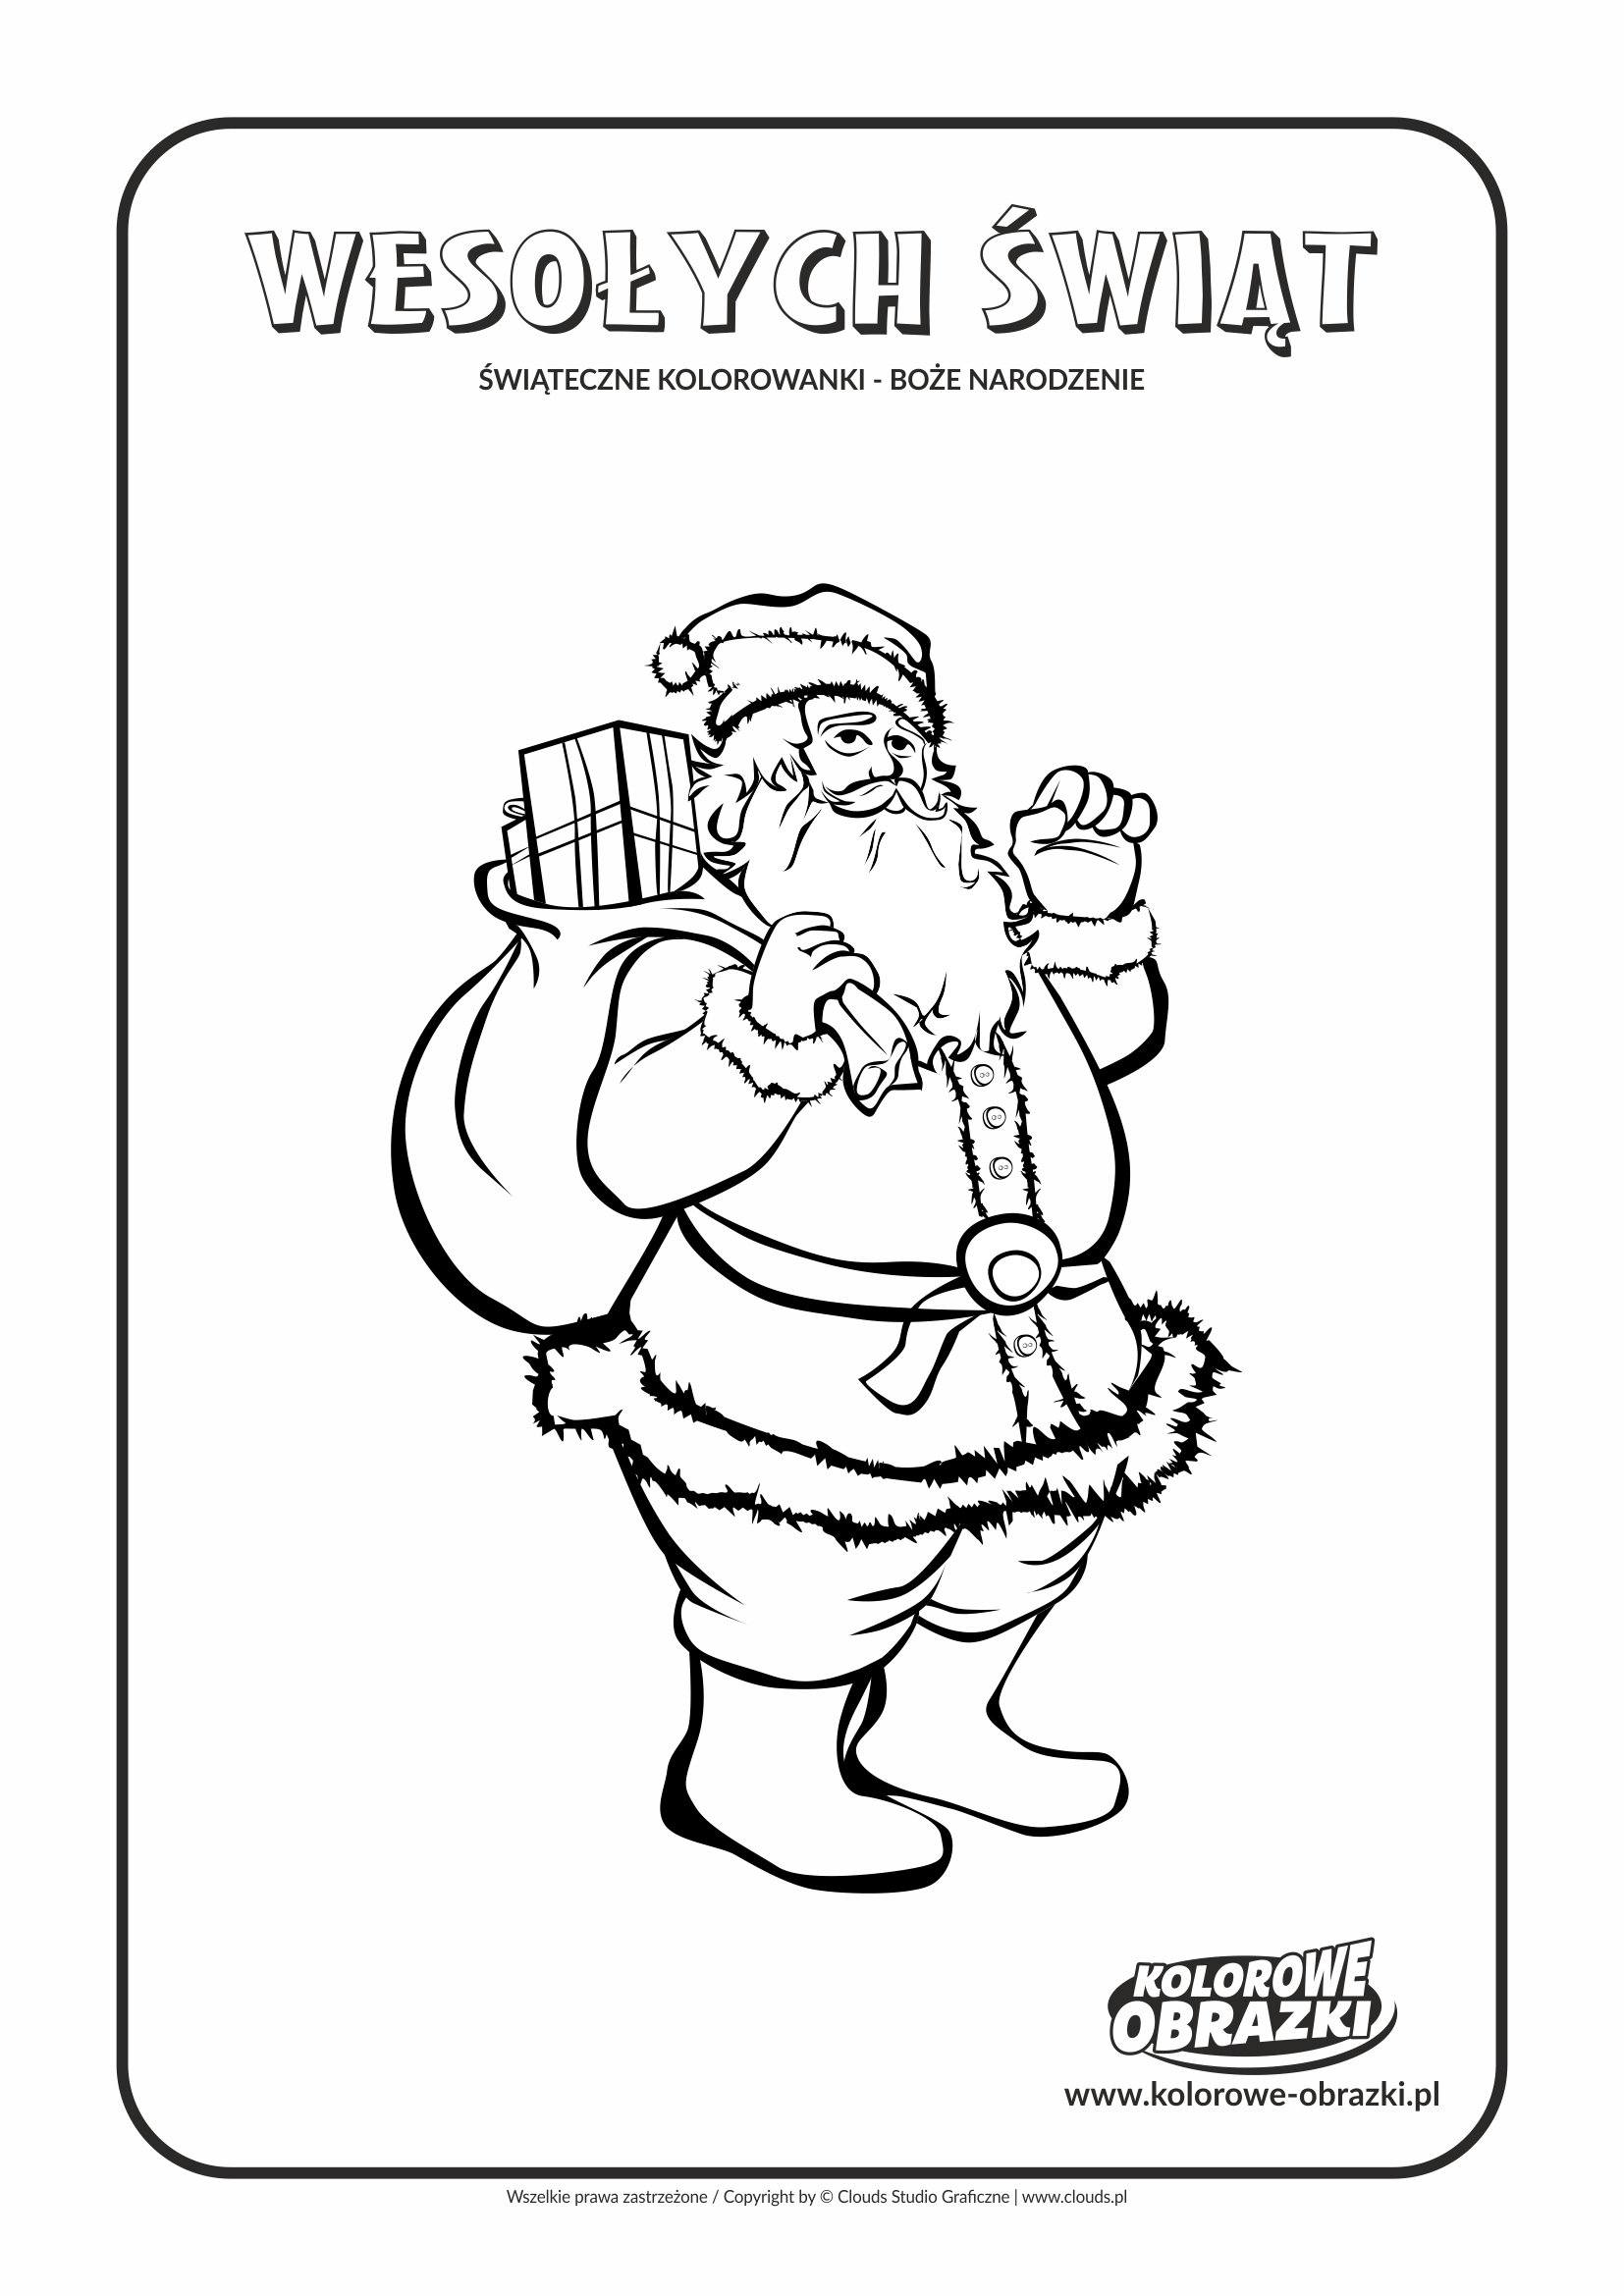 Kolorowanki dla dzieci - Święta / Boże Narodzenie - Święty Mikołaj 2. Kolorowanka z Bożym Narodzeniem